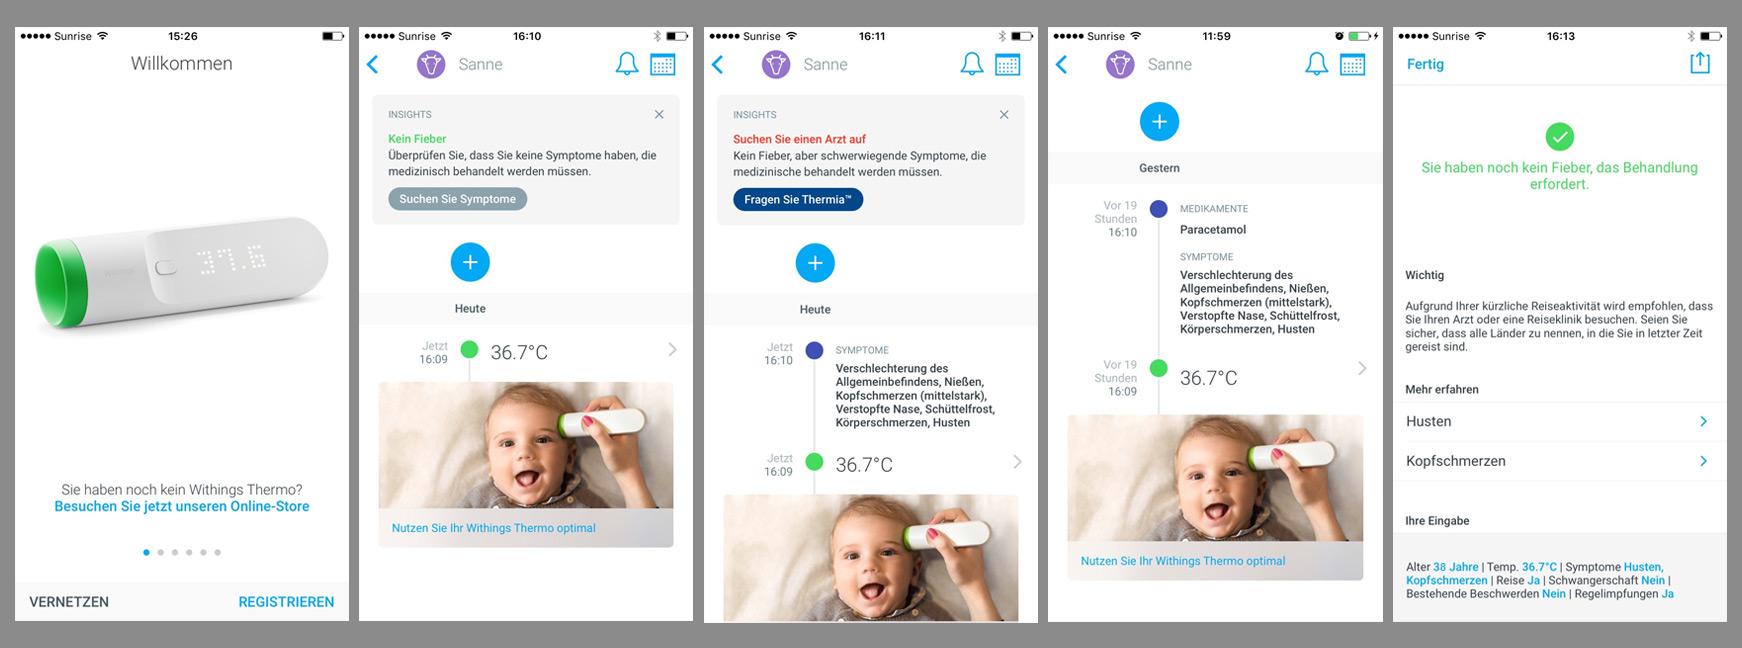 Abgebildet sind eine Reihen von Screenshots, welche die Funktion des Mobile Apps bildlich darstellen.